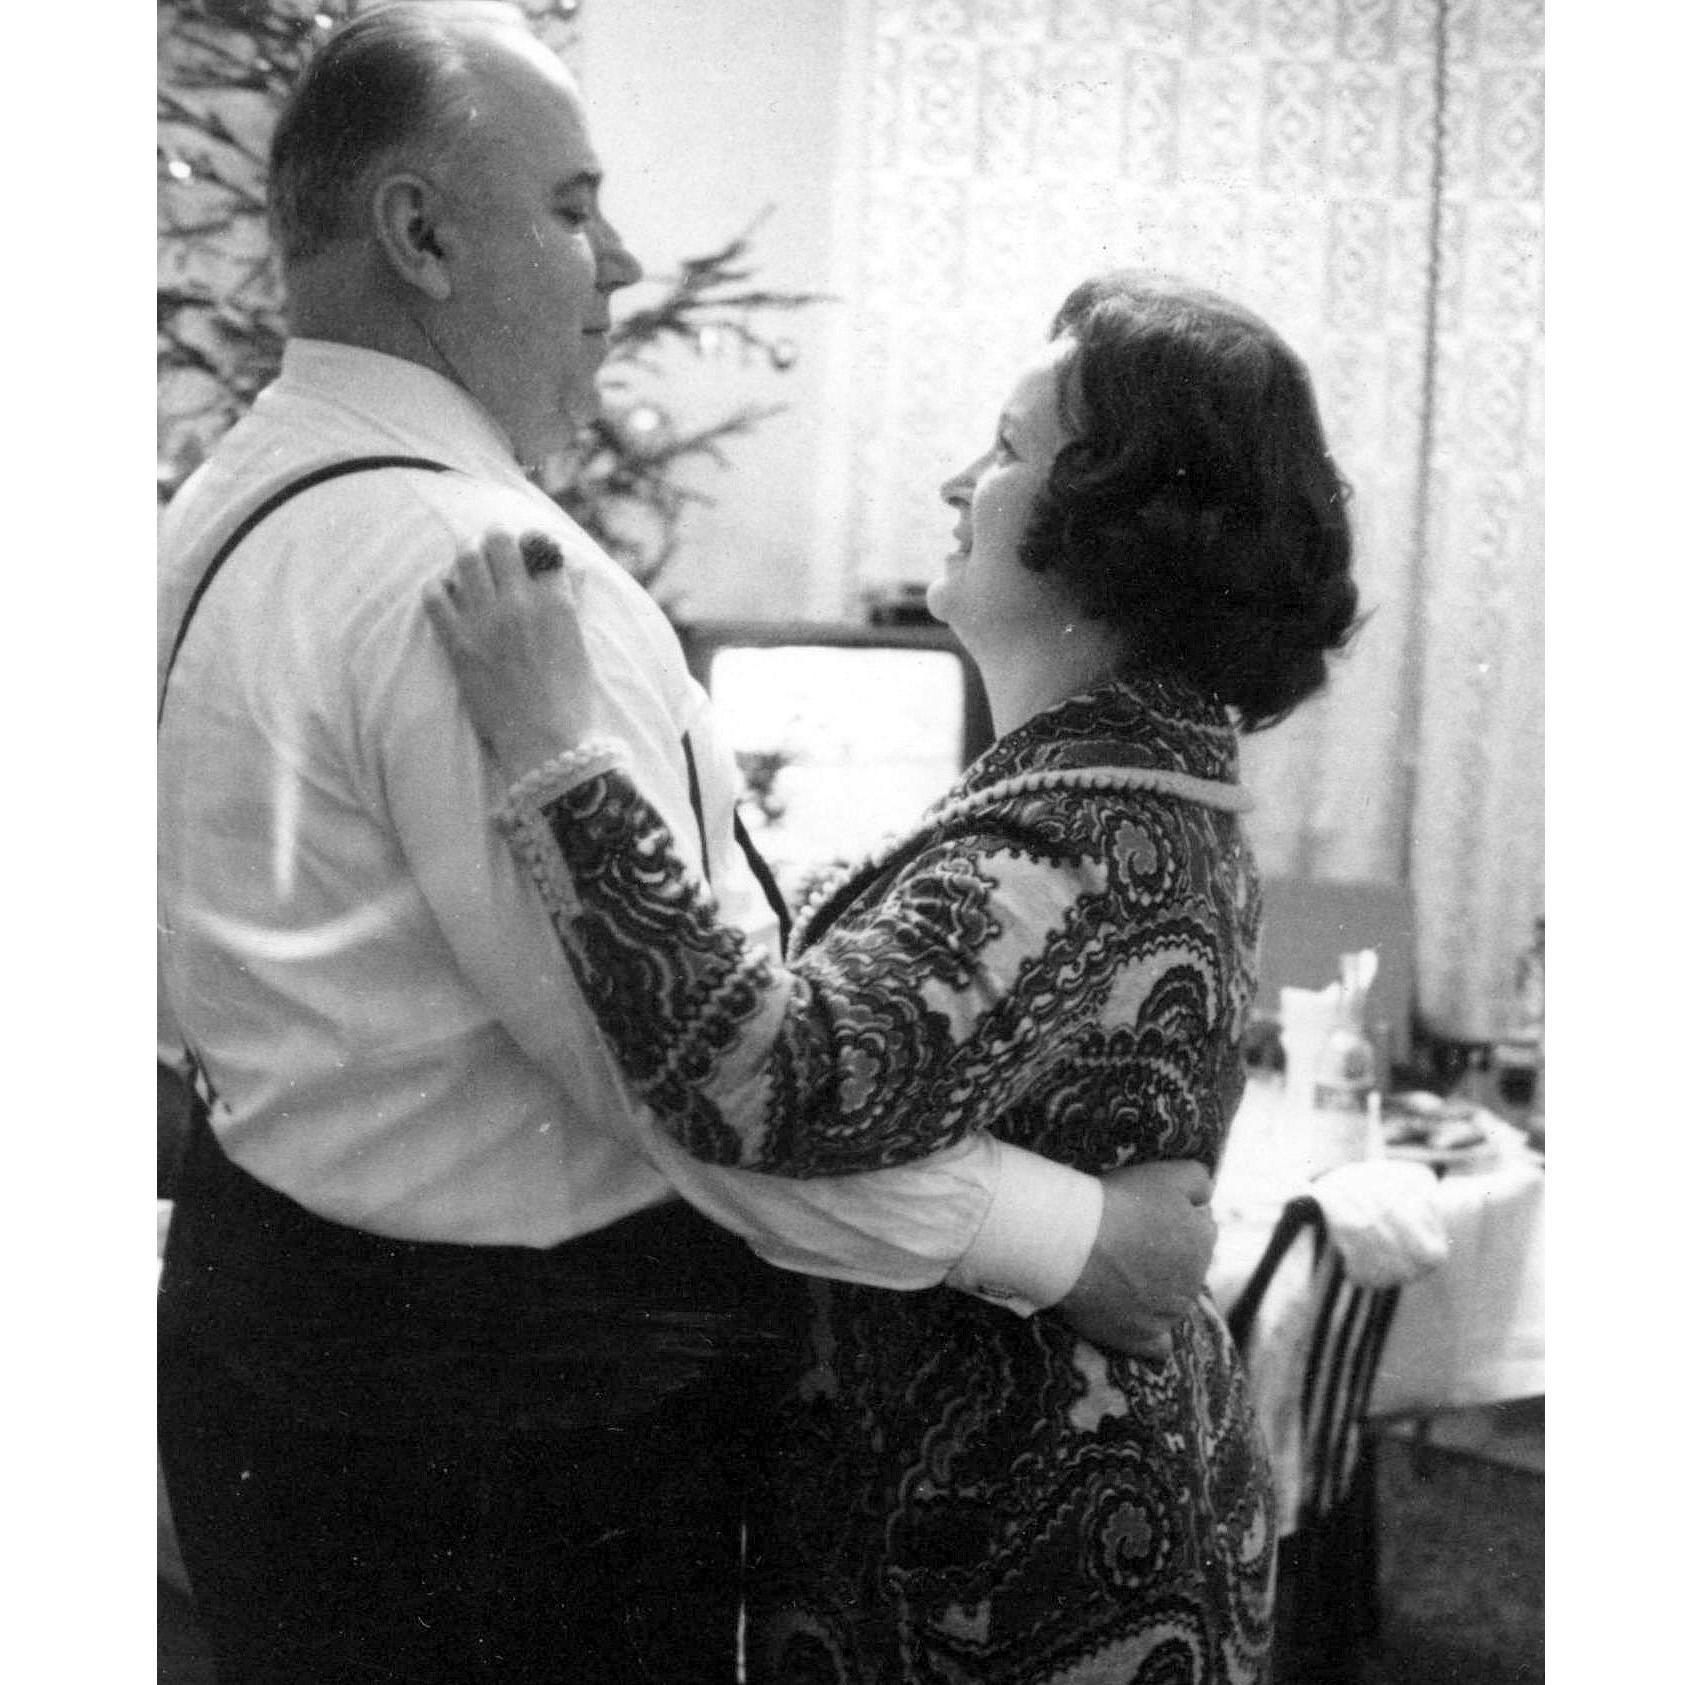 Семён Кузьмич Цвигун со своей супругой Розой Михайловной на даче в Подмосковье, 1970-е гг. Фото © generaltsvigun.ru